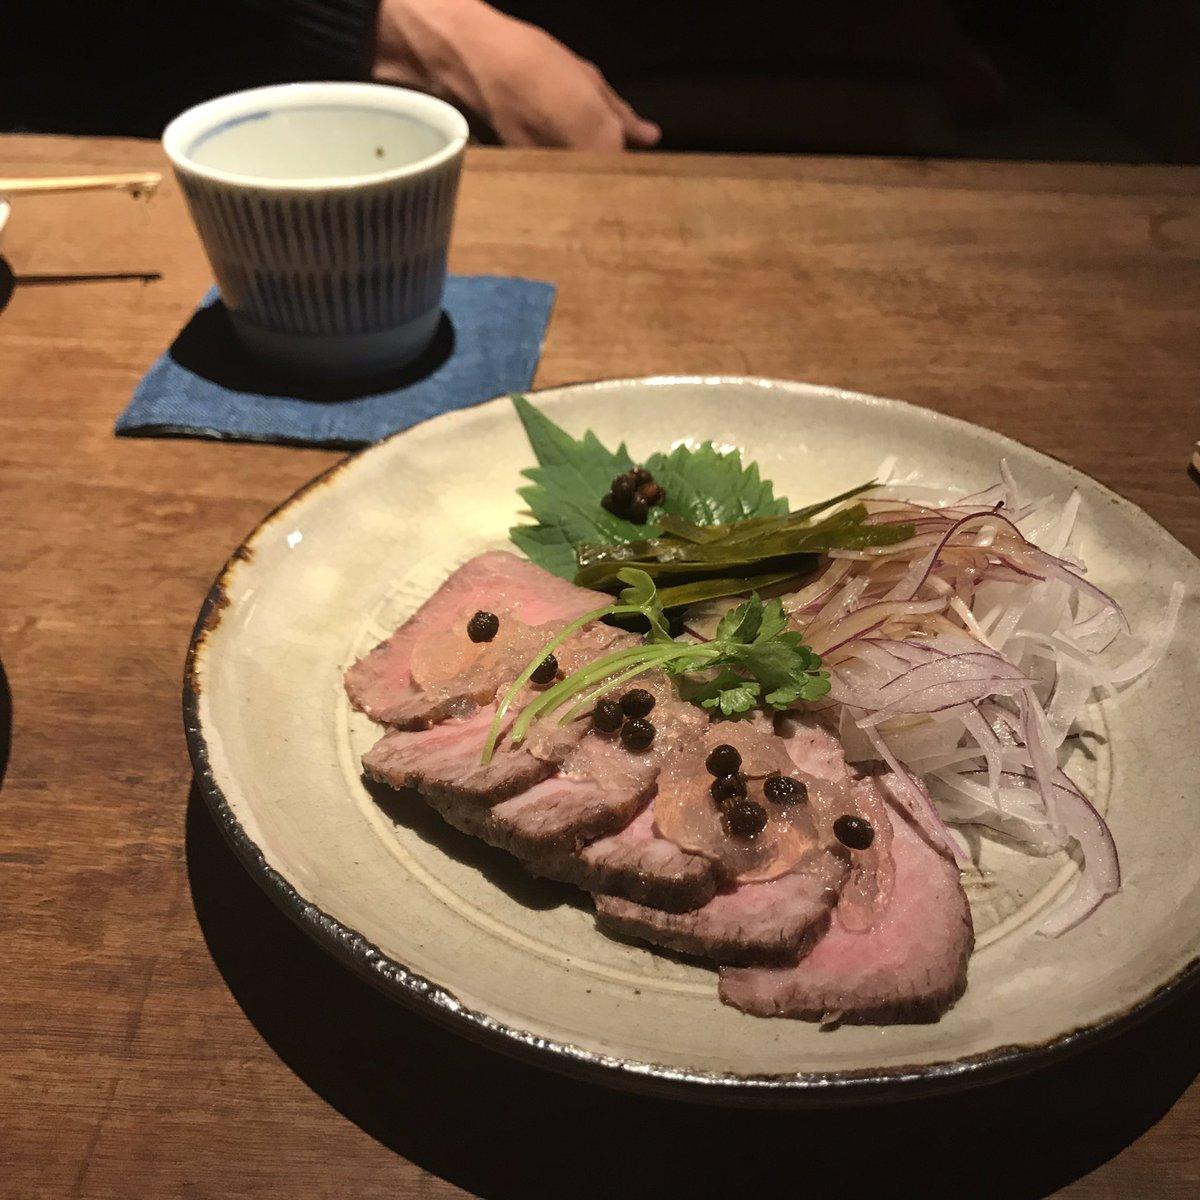 test ツイッターメディア - ときどき行くお店で、京阪中書島駅前通りにある「おこぶ北淸」さんのお昆布出汁の効いた上品な小料理と選りすぐりの純米酒もむっちゃ幸せになれます。  一昨日は、山口・八百新酒造の雁木、奈良・油長酒造の風の森、京都・藤岡酒造の蒼空を頂きました🍶それぞれ、美味しかった〜🥰 https://t.co/XBI75Xzaat